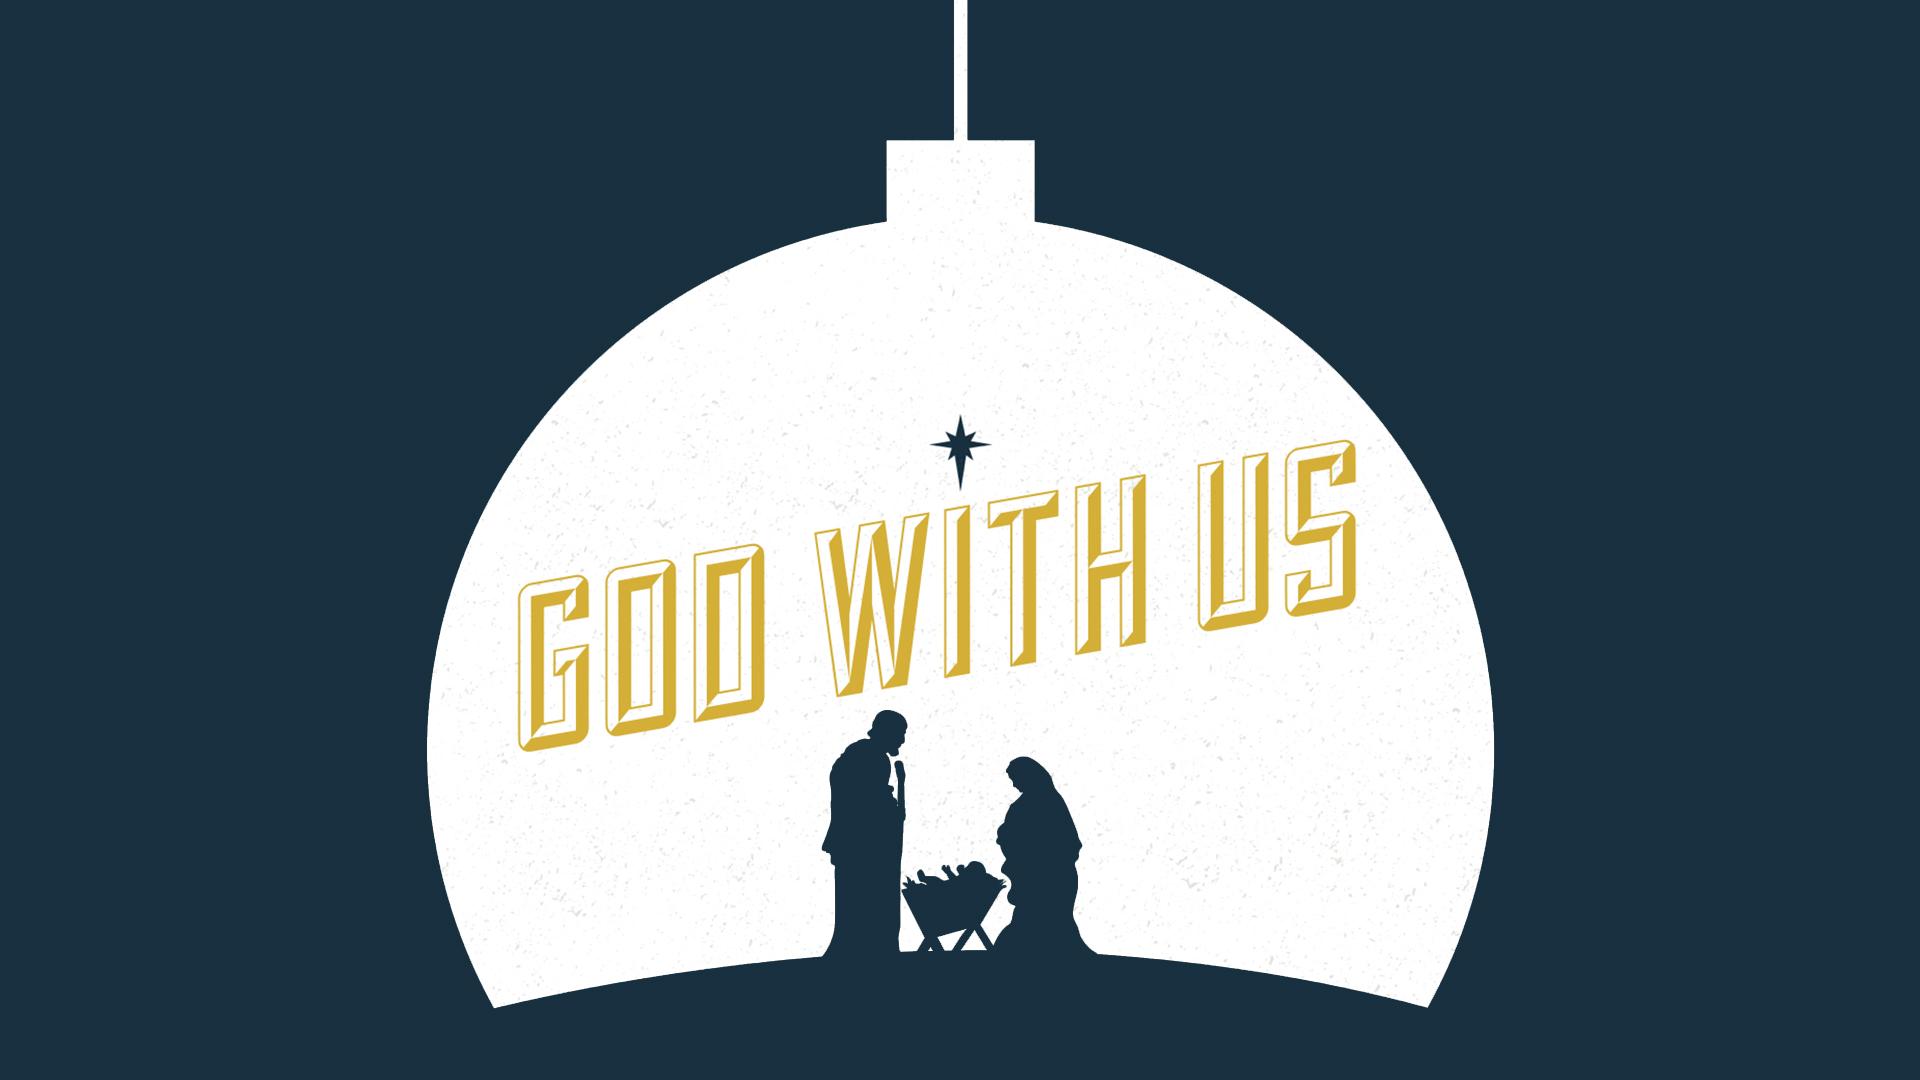 God With Us - (November 25, 2018 - December 23, 2018)